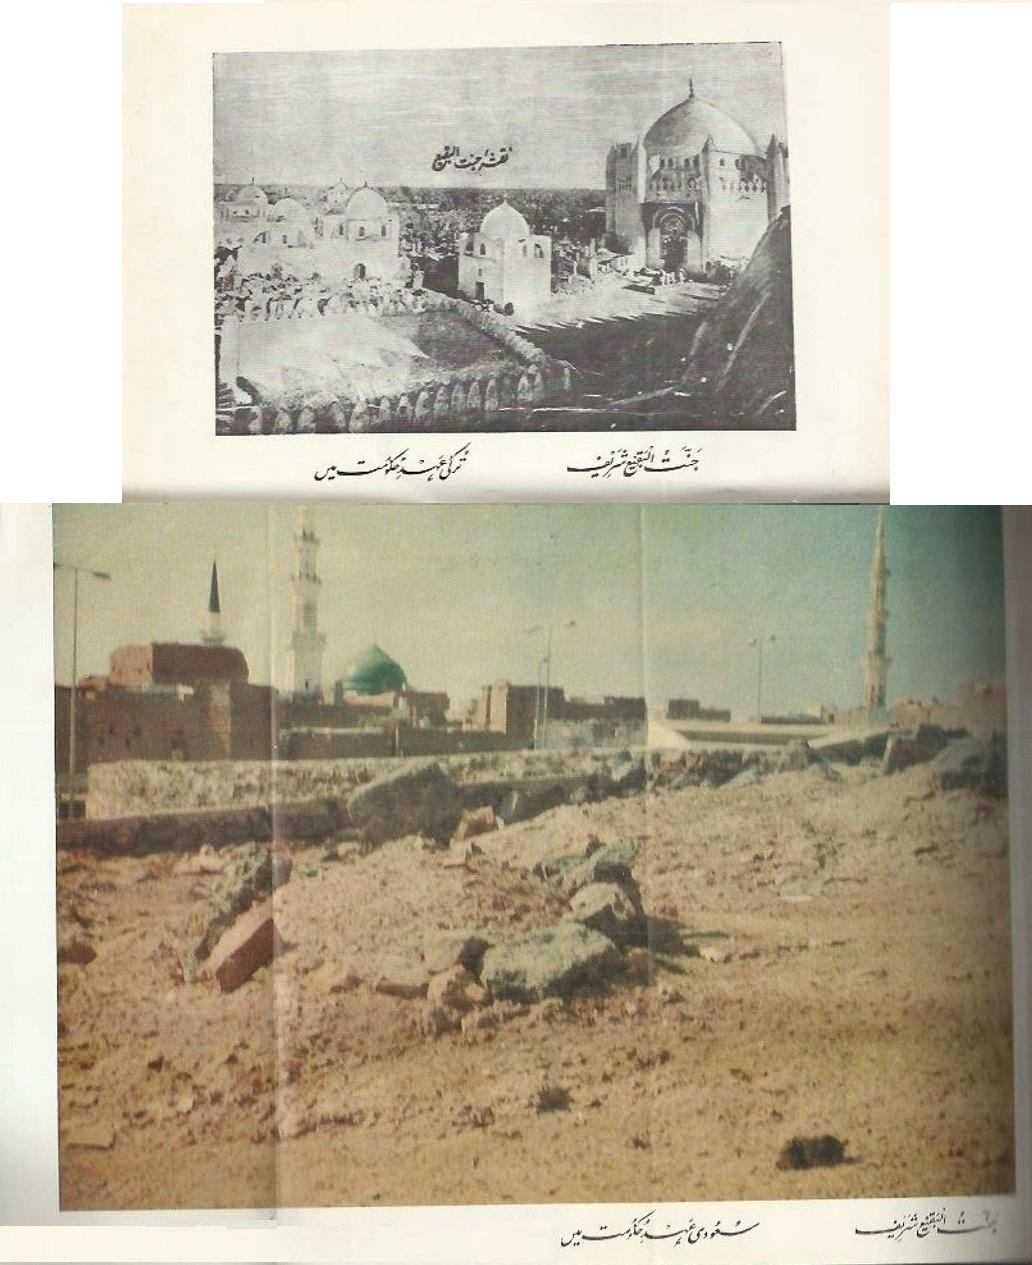 118133521-Anwar-Qutb-e-Madina-by-Khalil-Ahmad-Rana_04.jpg